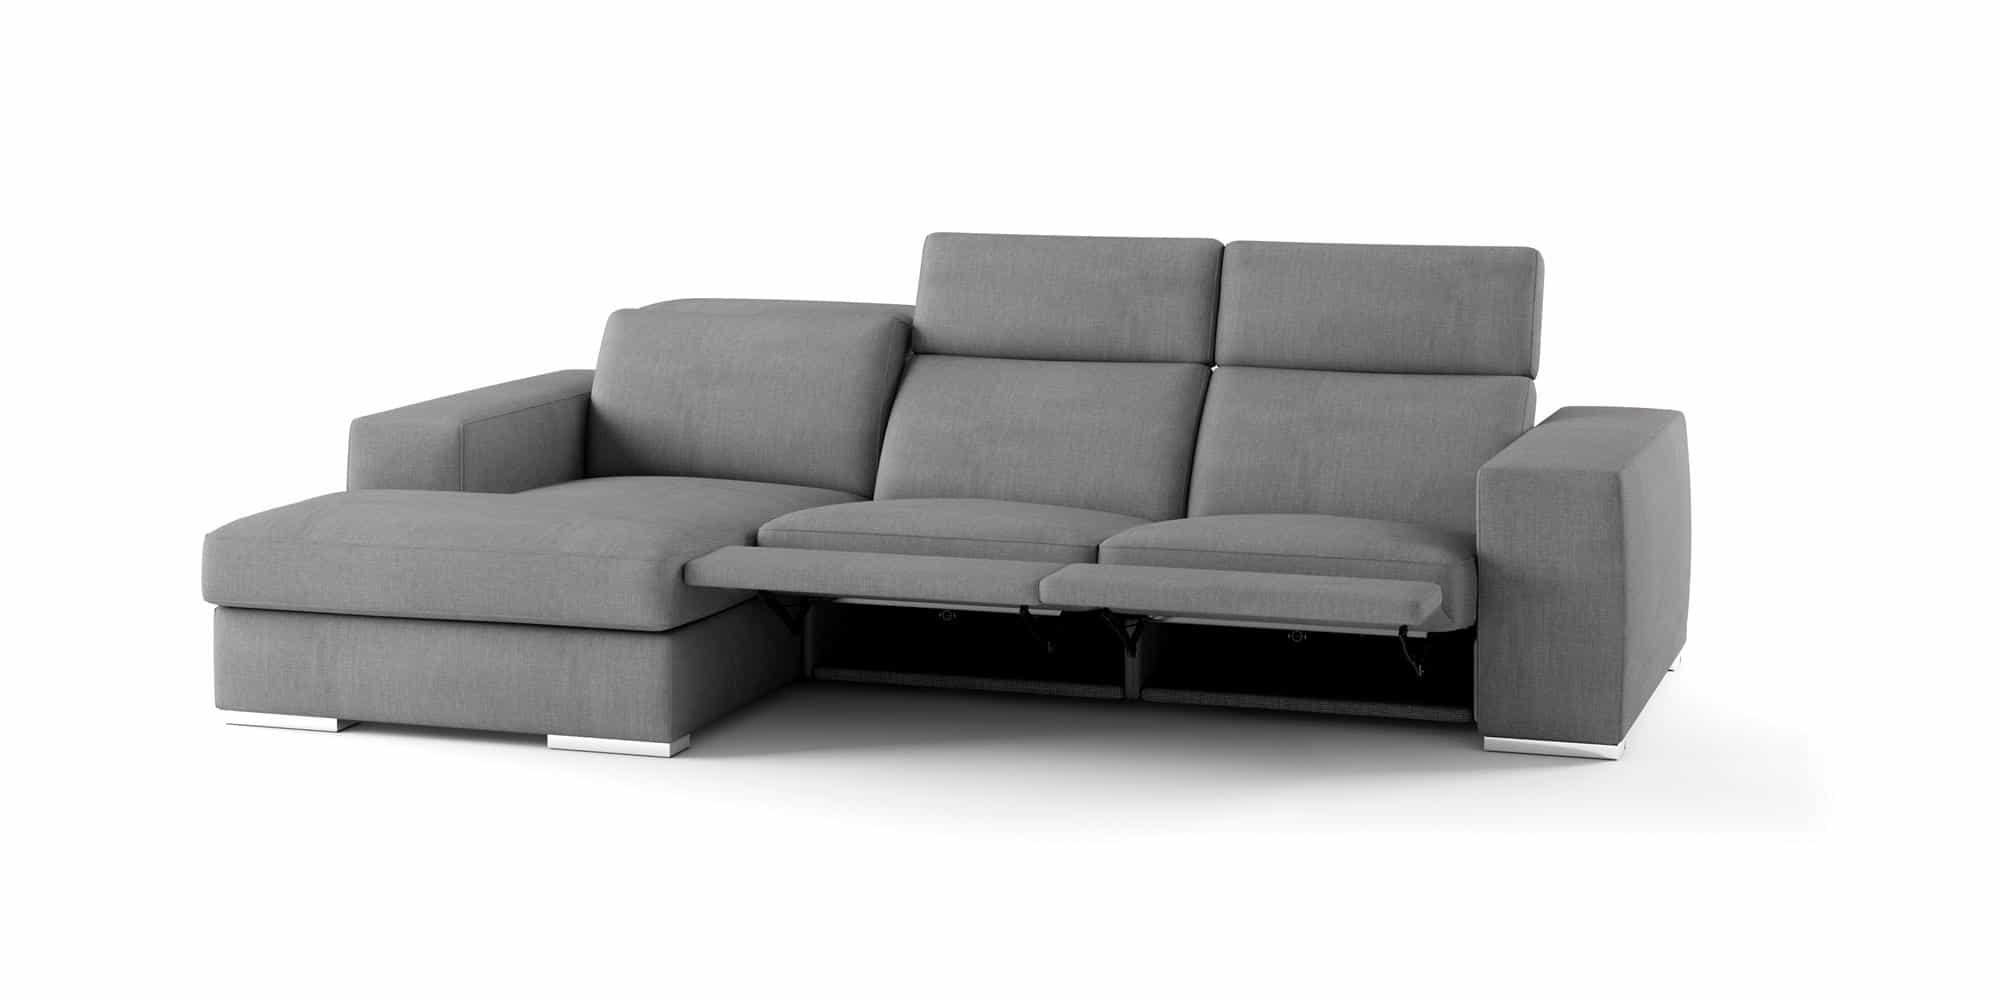 Bellagio large – Composizione Relax con Chaise Longue – 282×110(160)